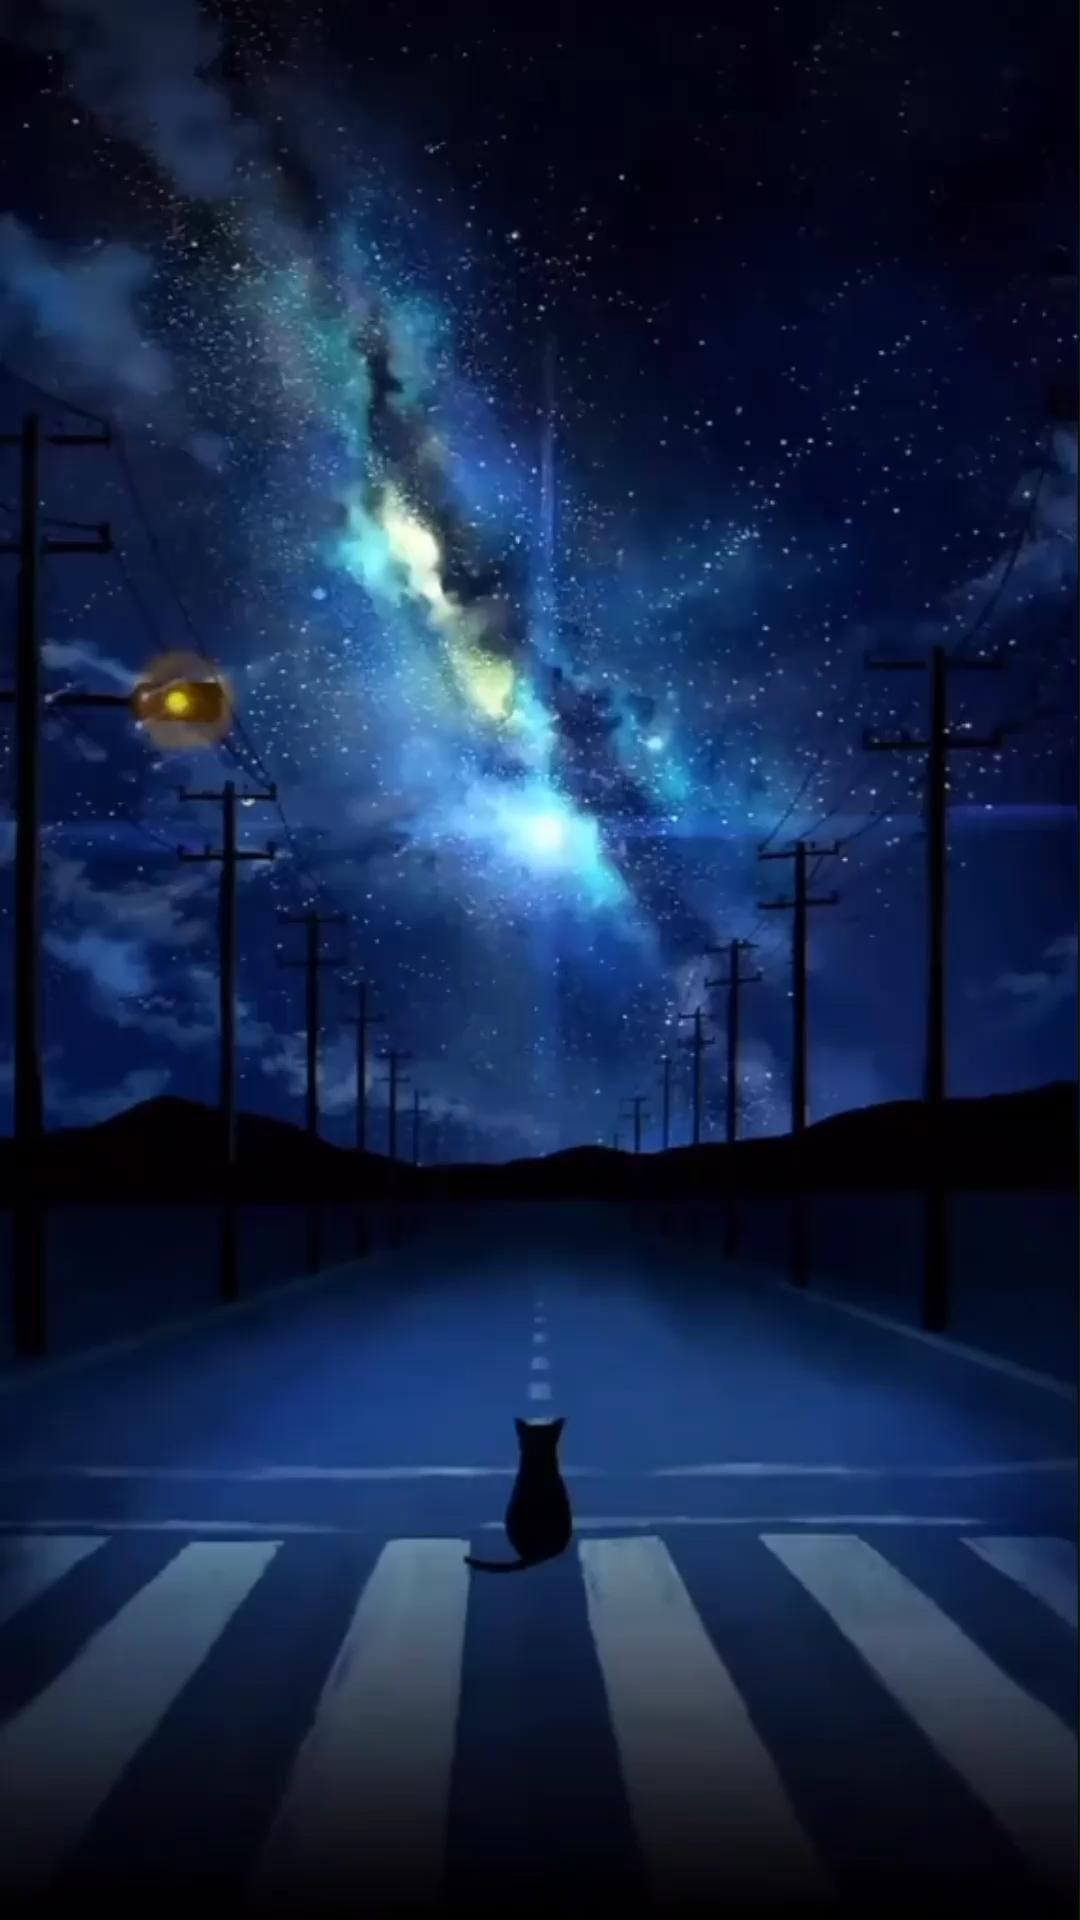 Hình nền động bầu trời đêm tuyệt đẹp